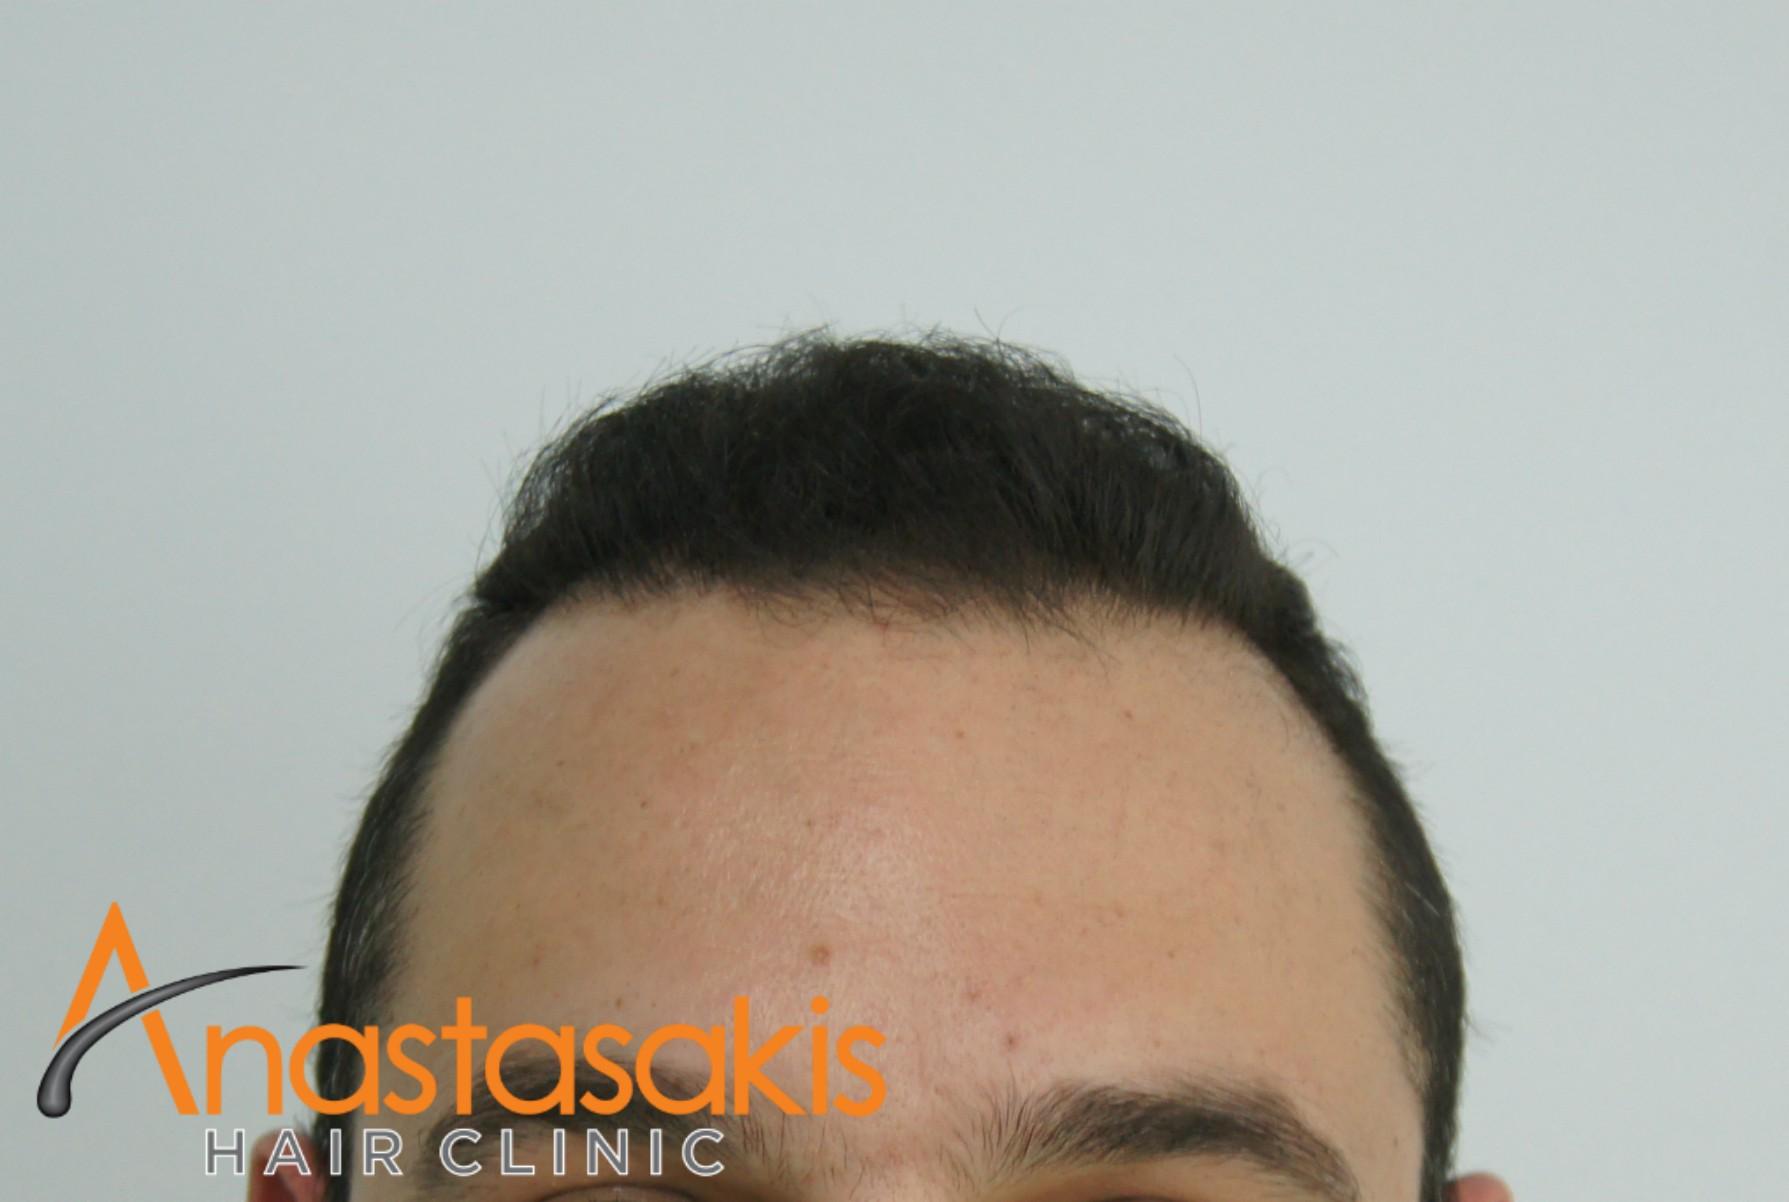 ασθενής μετά την εμφύτευση μαλλιών fue με 1600fus hairline